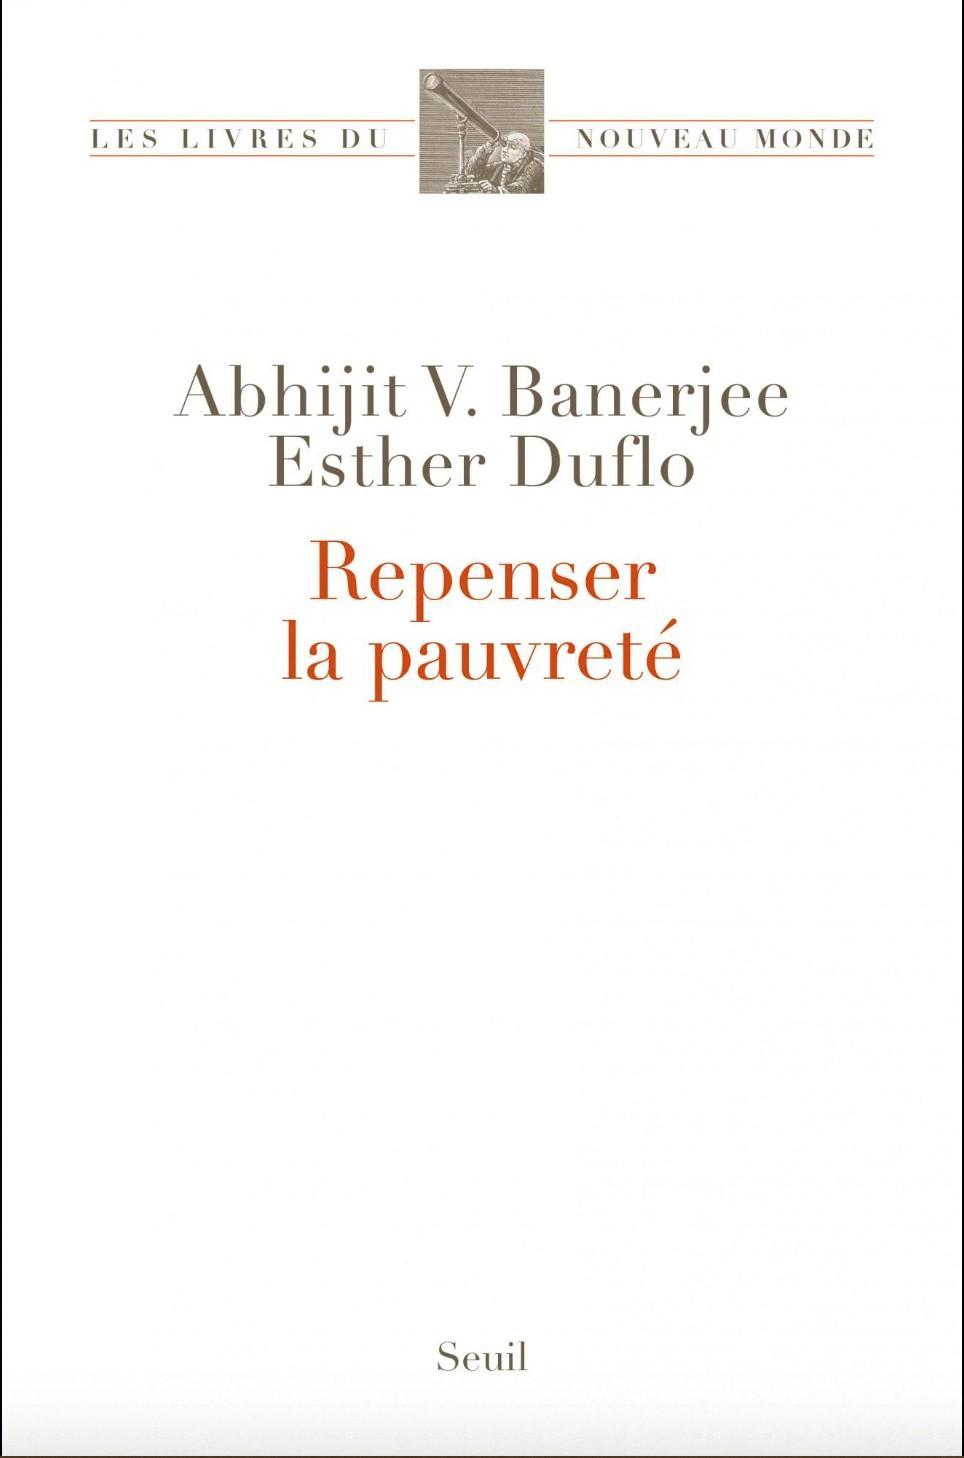 Esther Duflo et Abhijit Banerjee, Repenser la pauvreté, Seuil, 2012